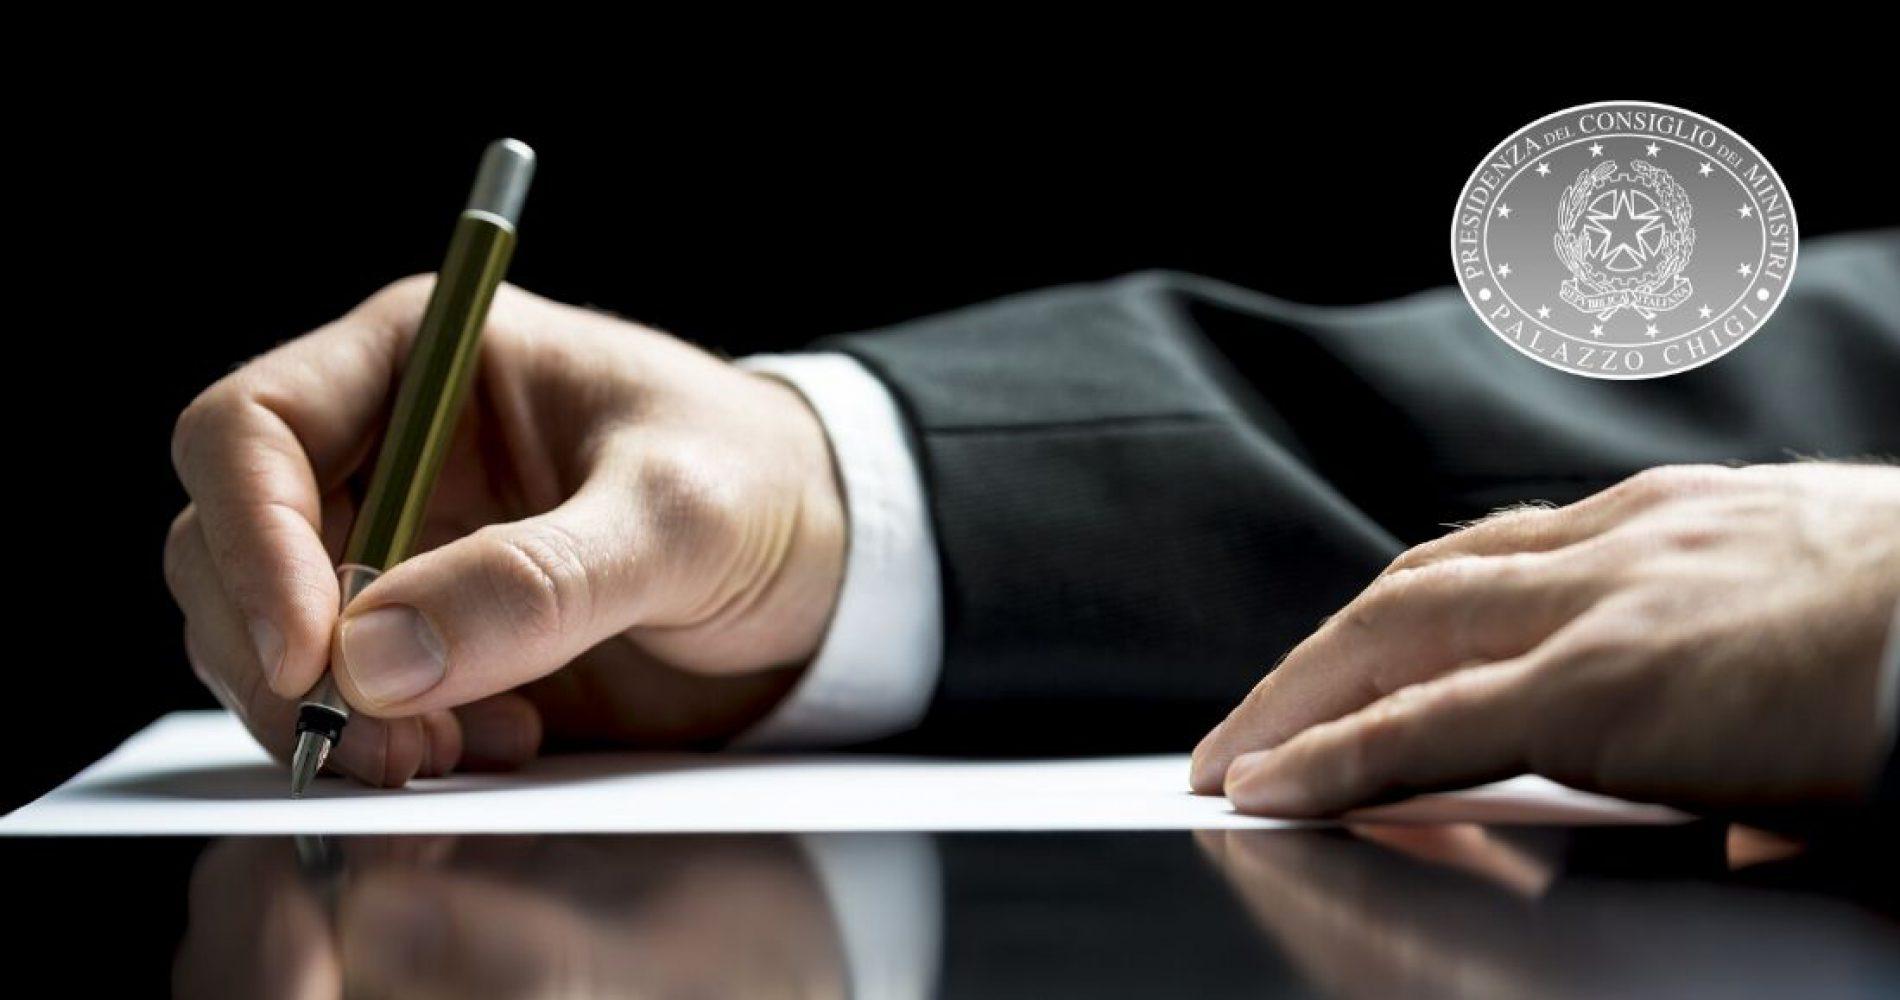 Approvato il Decreto Cura Italia: 25 miliardi per fronteggiare l'emergenza Covid-19